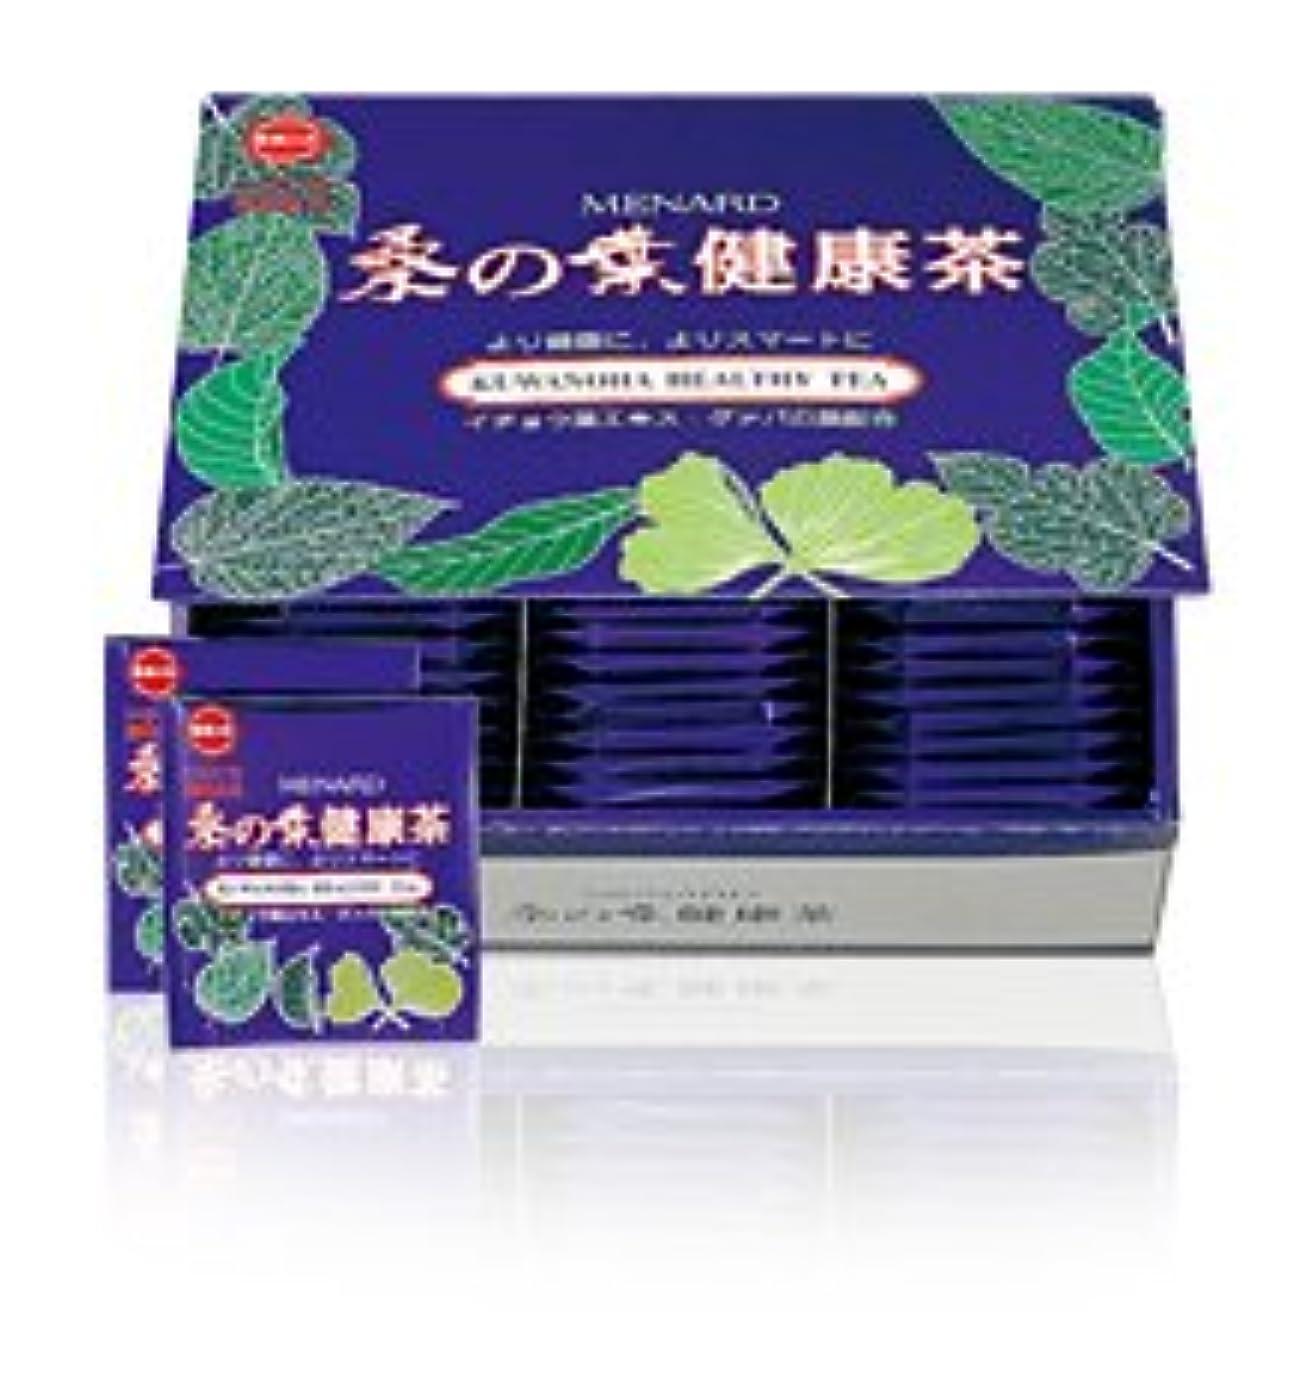 判決花弁苦しむメナード 桑の葉健康茶(75袋入) [並行輸入品]